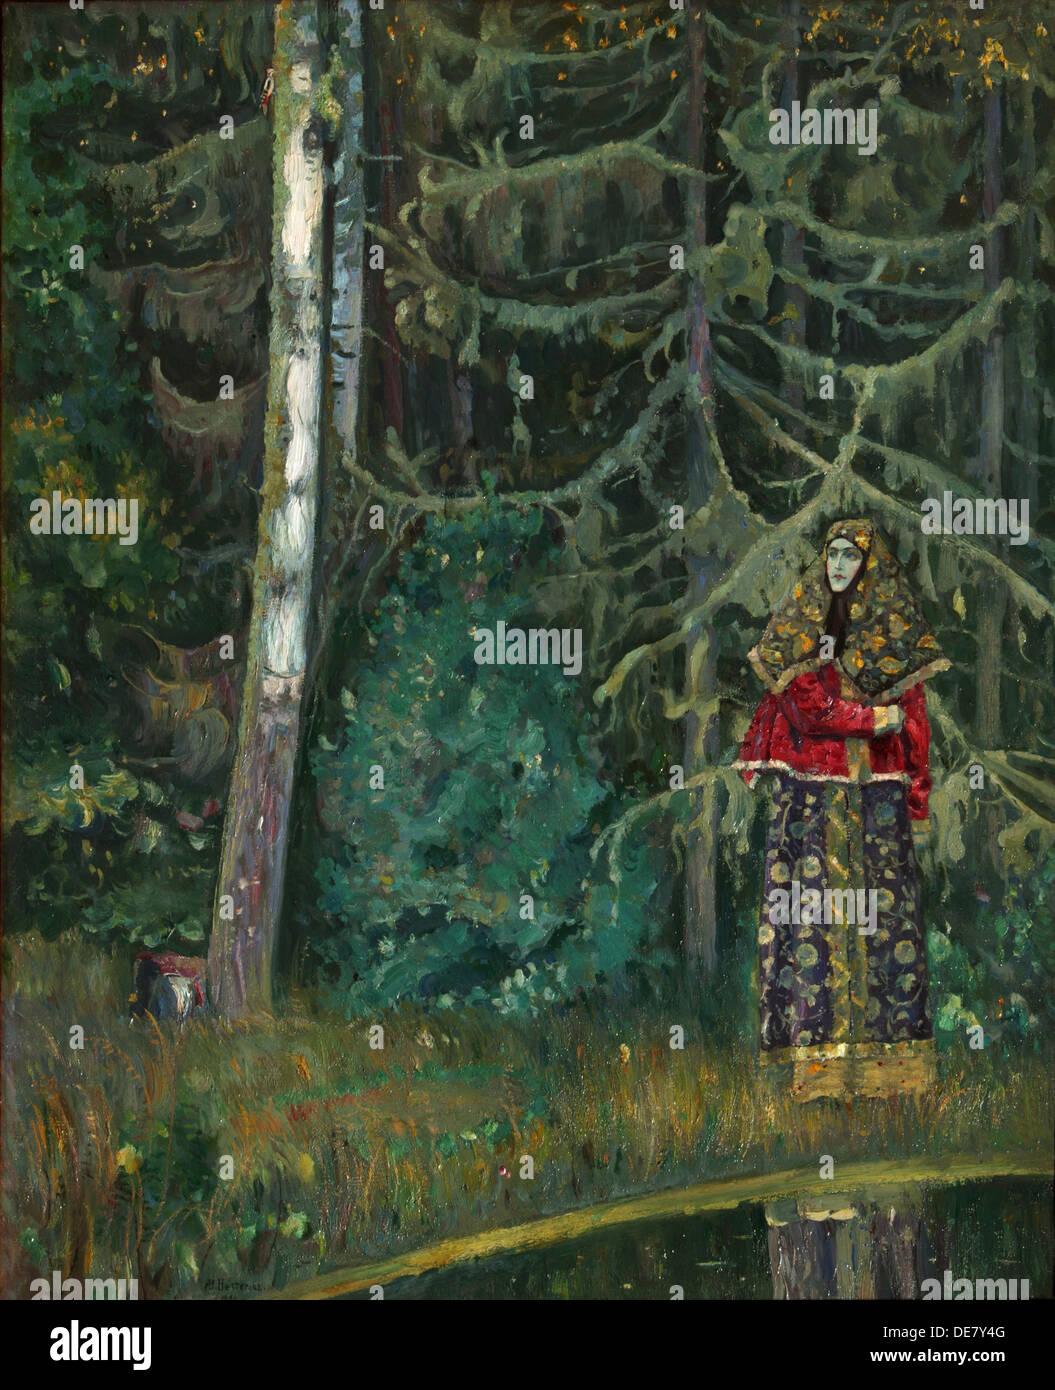 Fairy tale, 1921. Artist: Nesterov, Mikhail Vasilyevich (1862-1942) - Stock Image